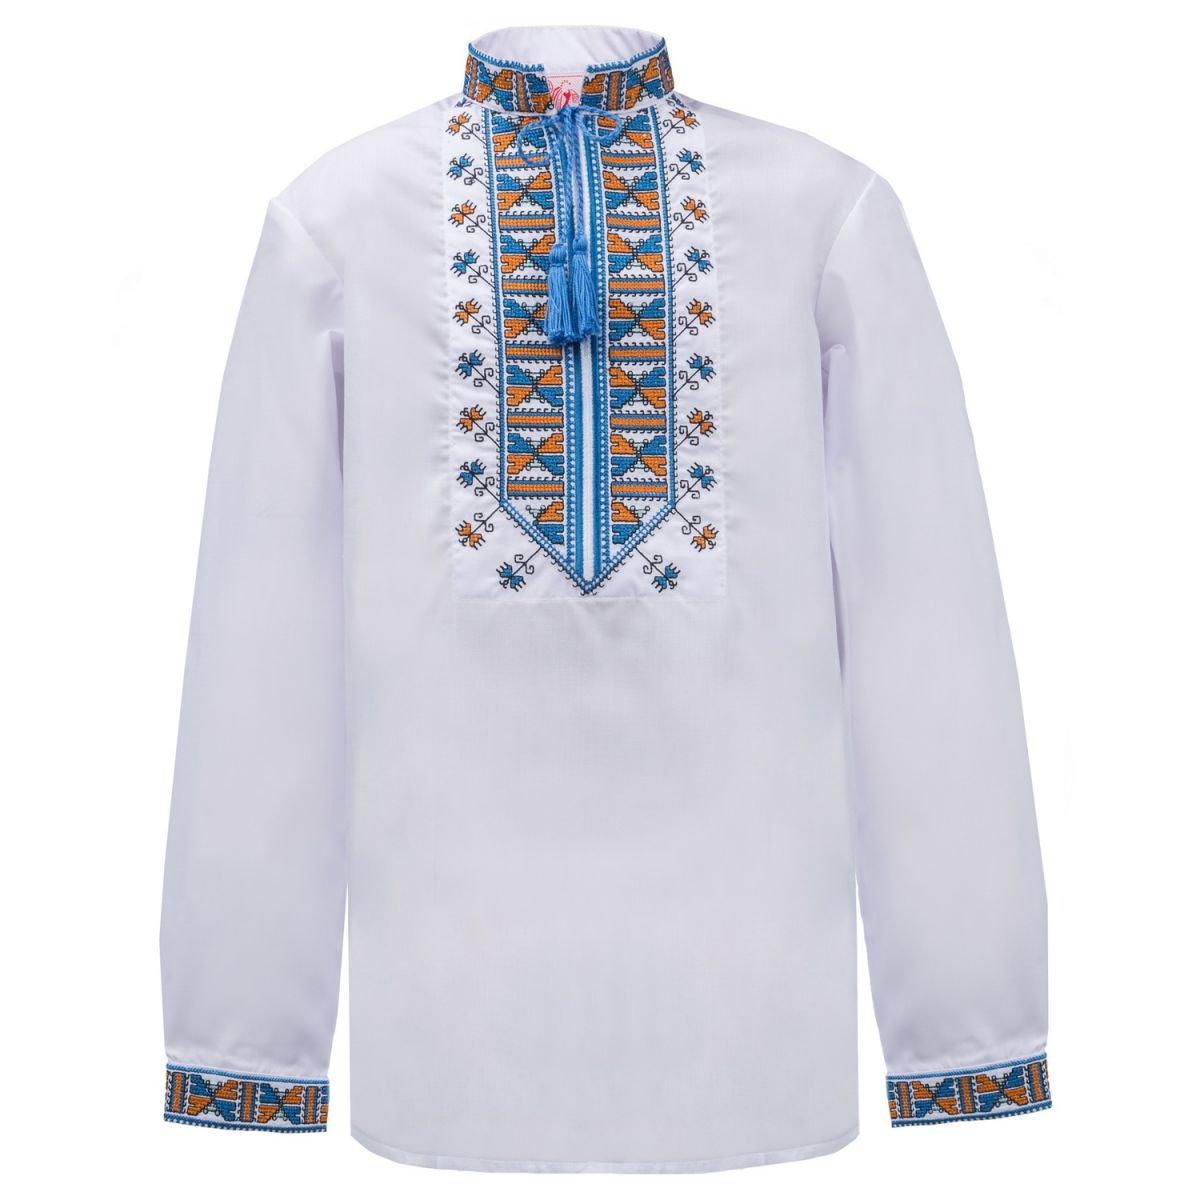 Сорочка вишиванка для хлопчика Слобожанка - Гетьман 116см 3a20a7c521060